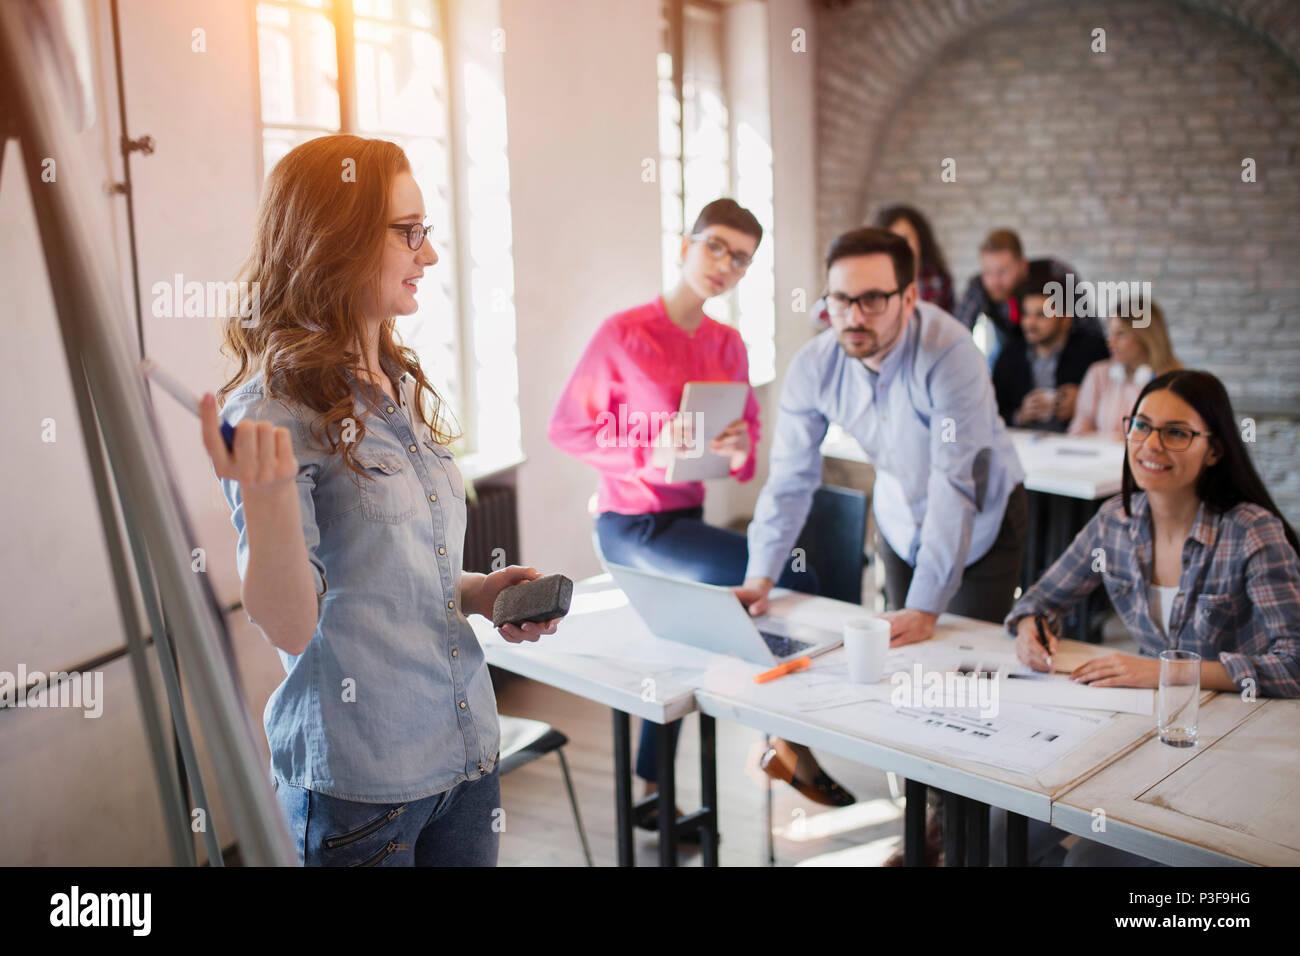 Foto di architetto facendo presentazione ai suoi colleghi Immagini Stock